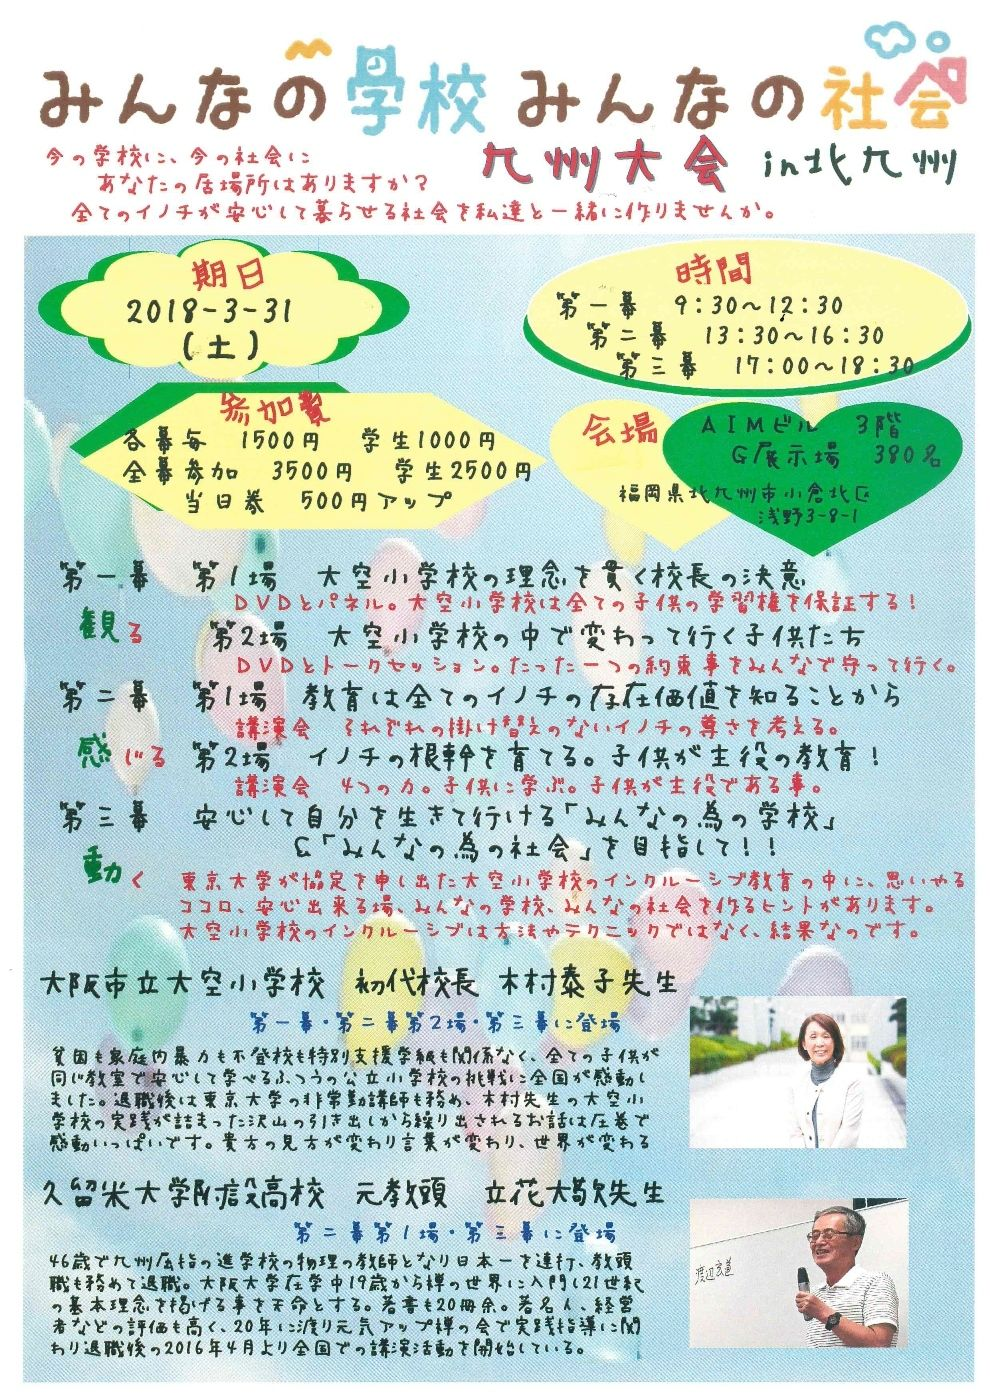 第一幕 【学生用】 みんなの学校 みんなの社会 九州大会 in北九州